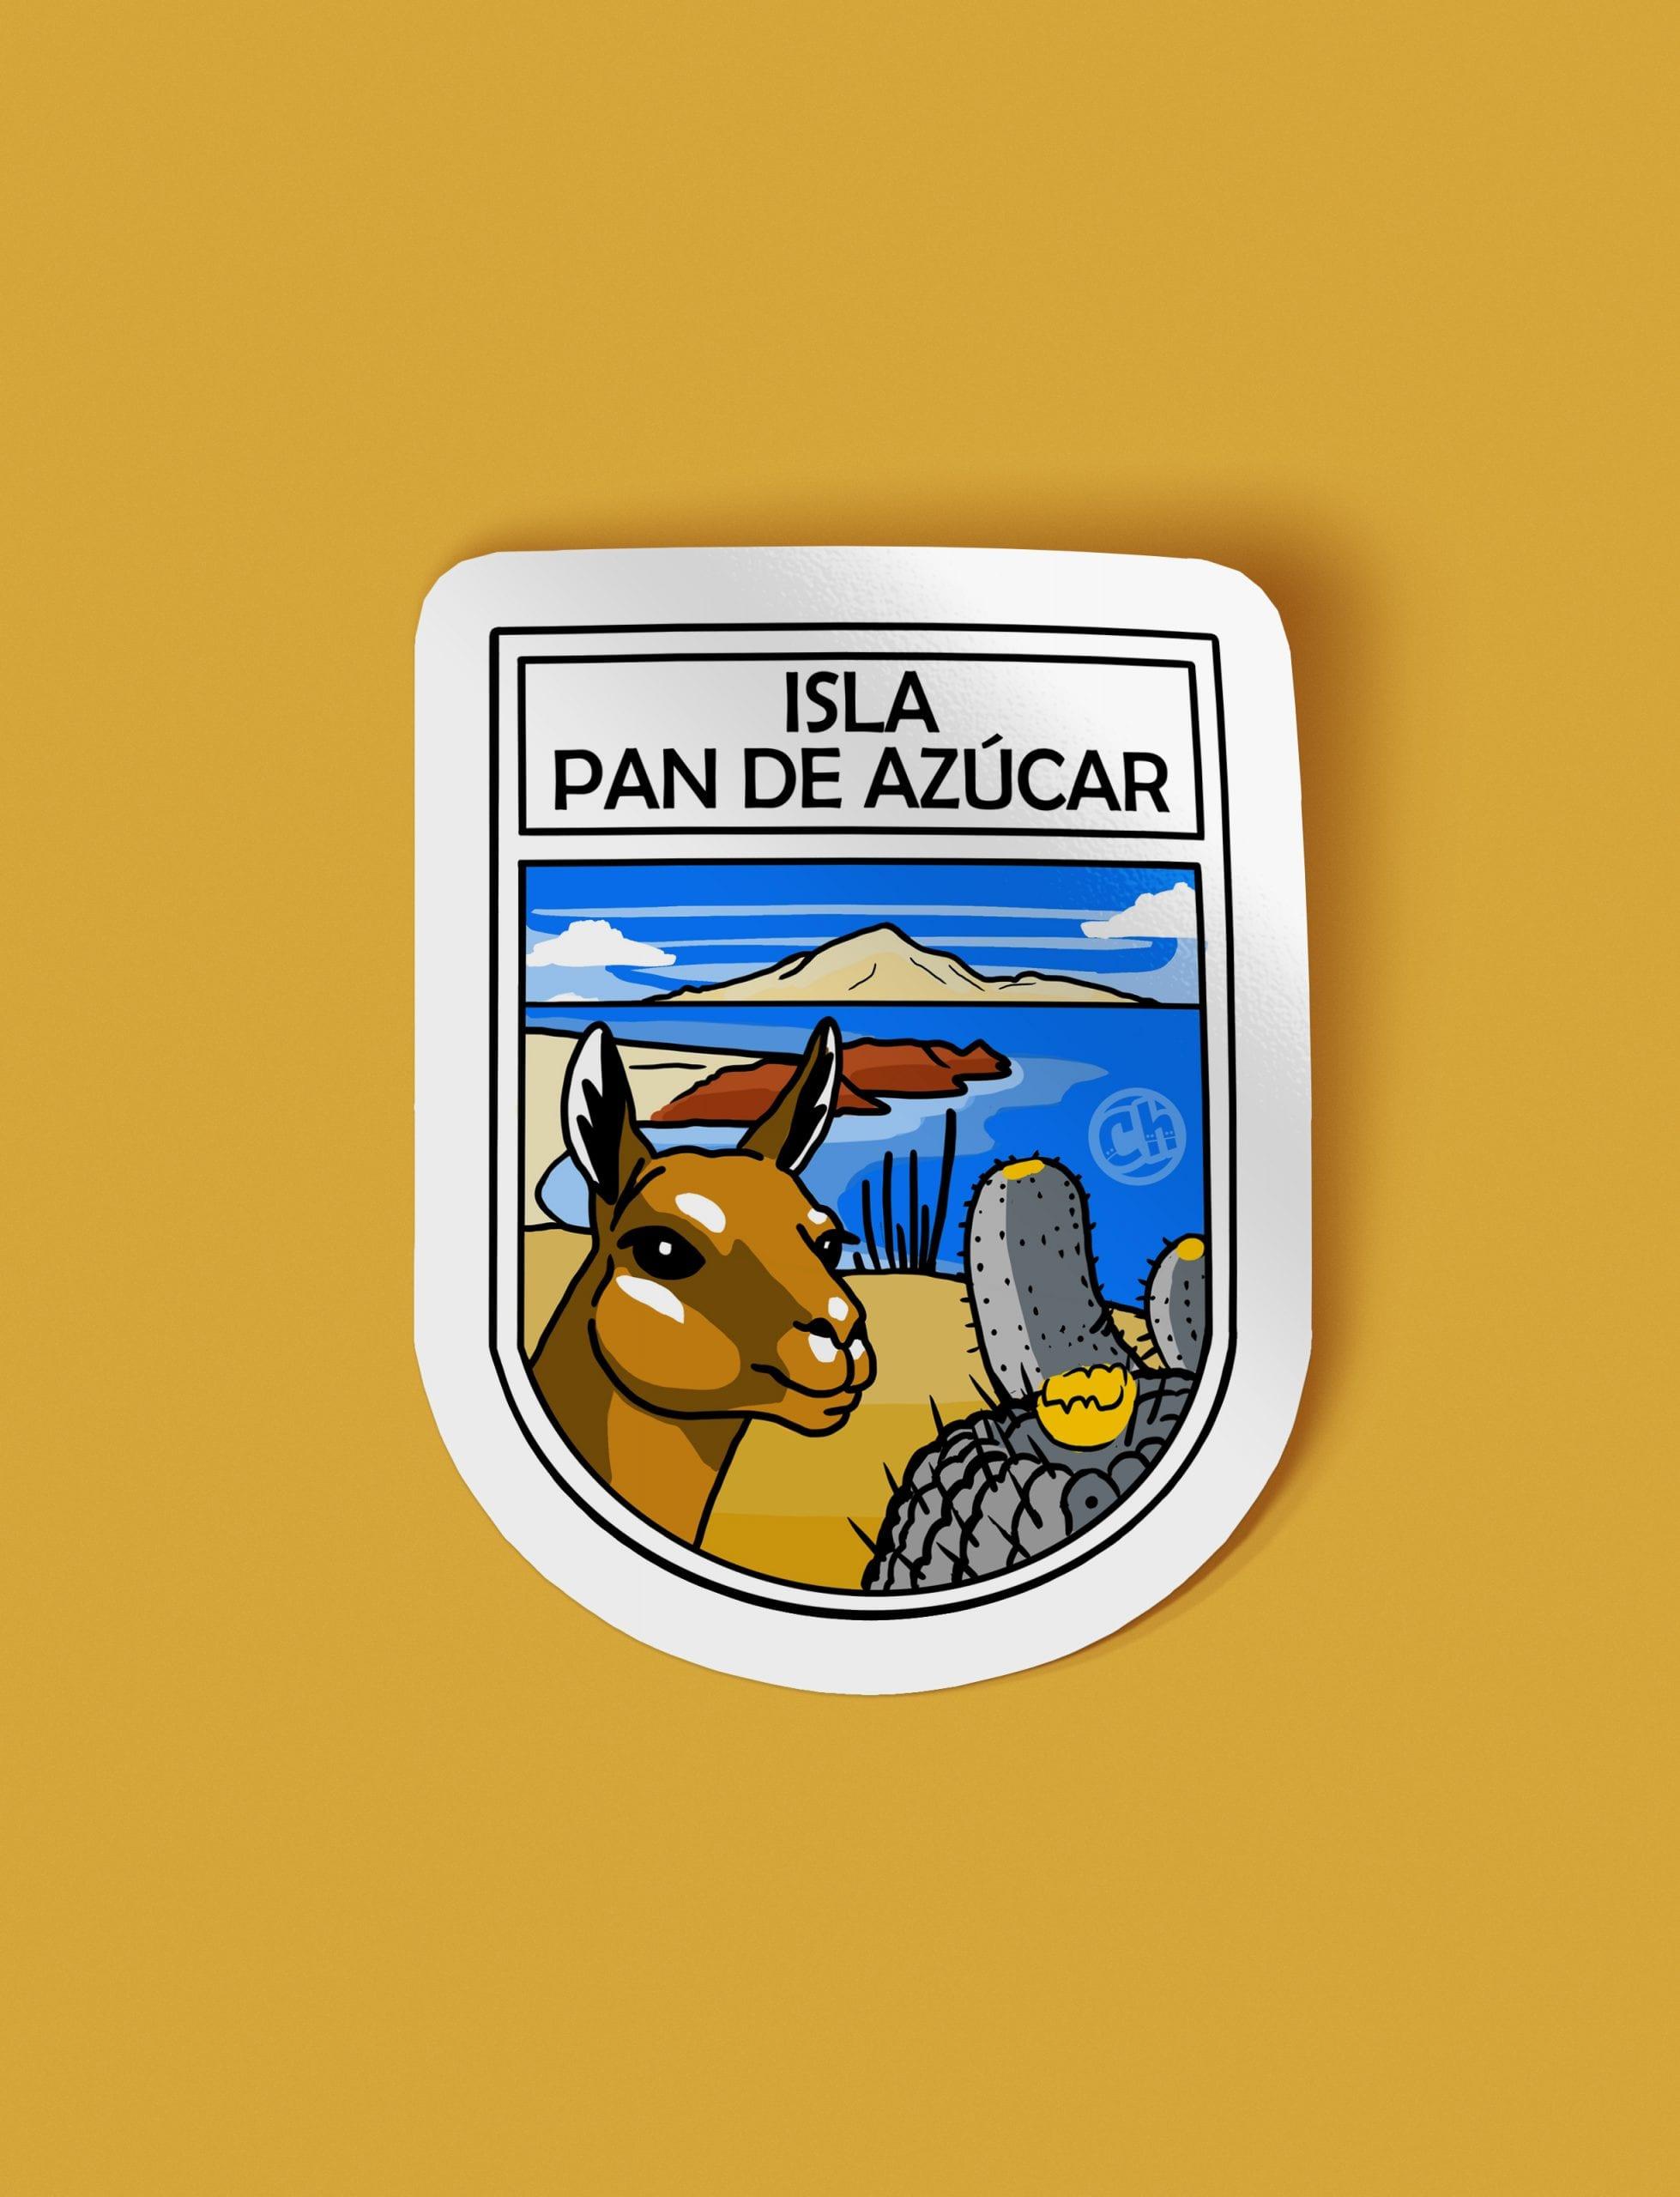 Adhesivo Isla Pan de Azúcar